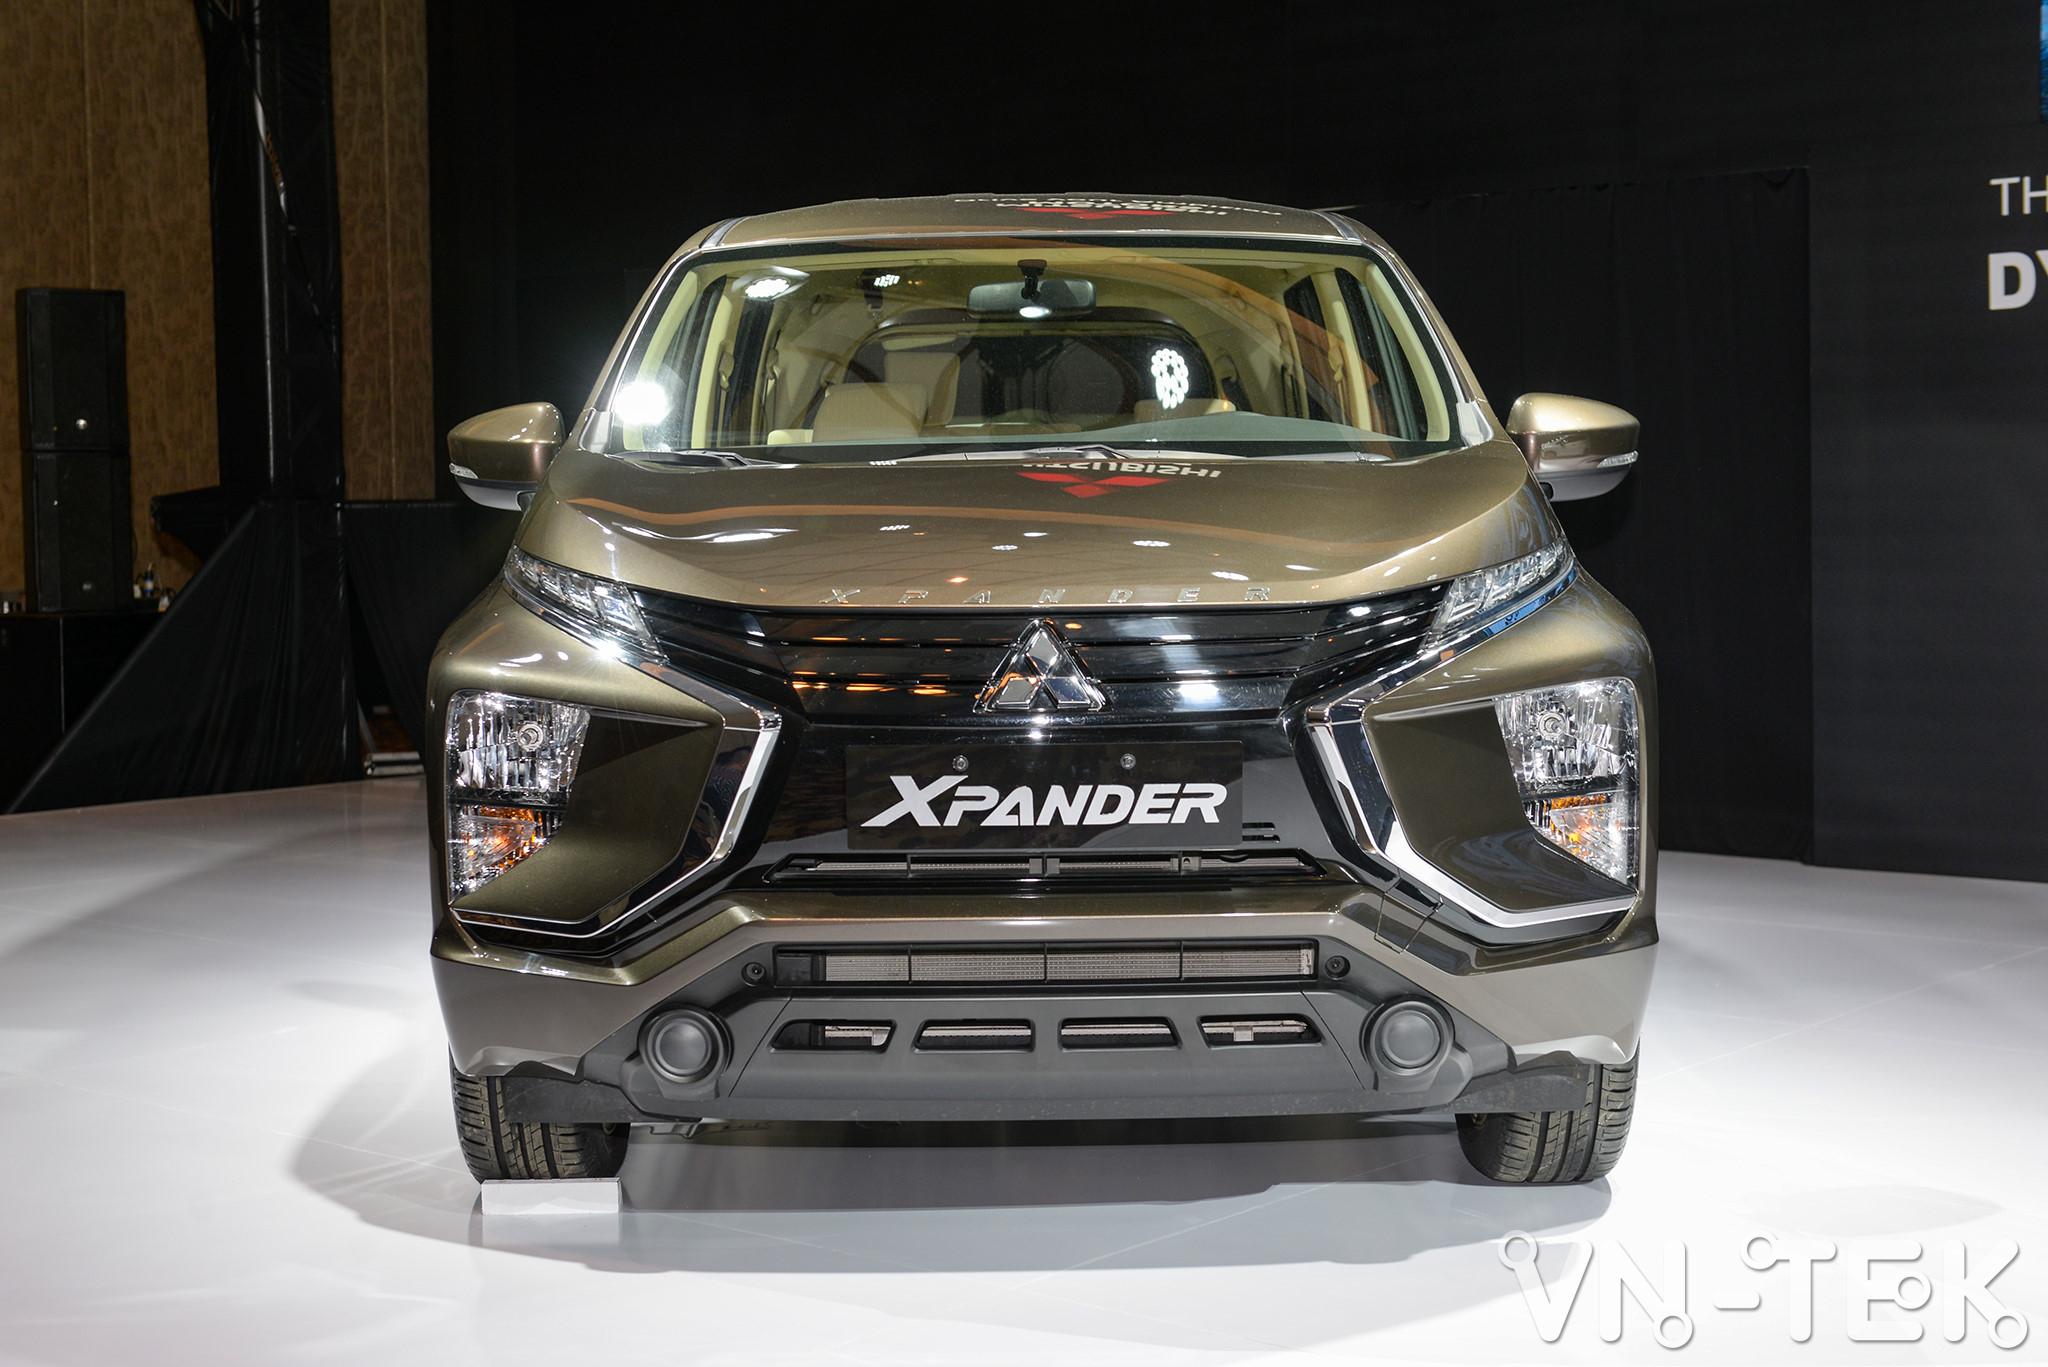 nhung mau o to tam gia 500 600 trieu 6 - Những mẫu ô tô đáng mua trong tầm giá 500 - 600 triệu đồng